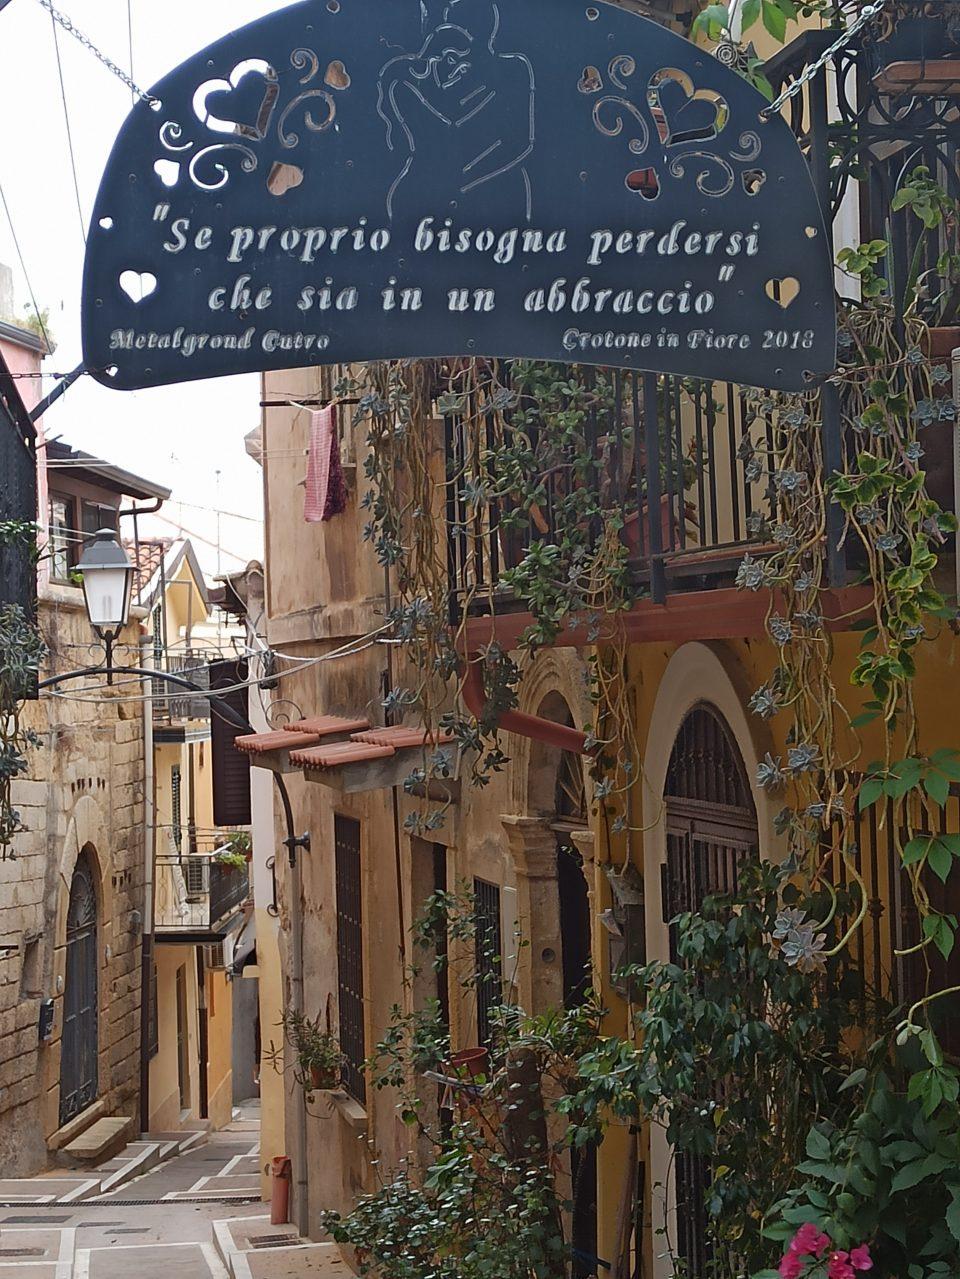 Centro storico di Crotone Calabria lungo la 106 Jonica